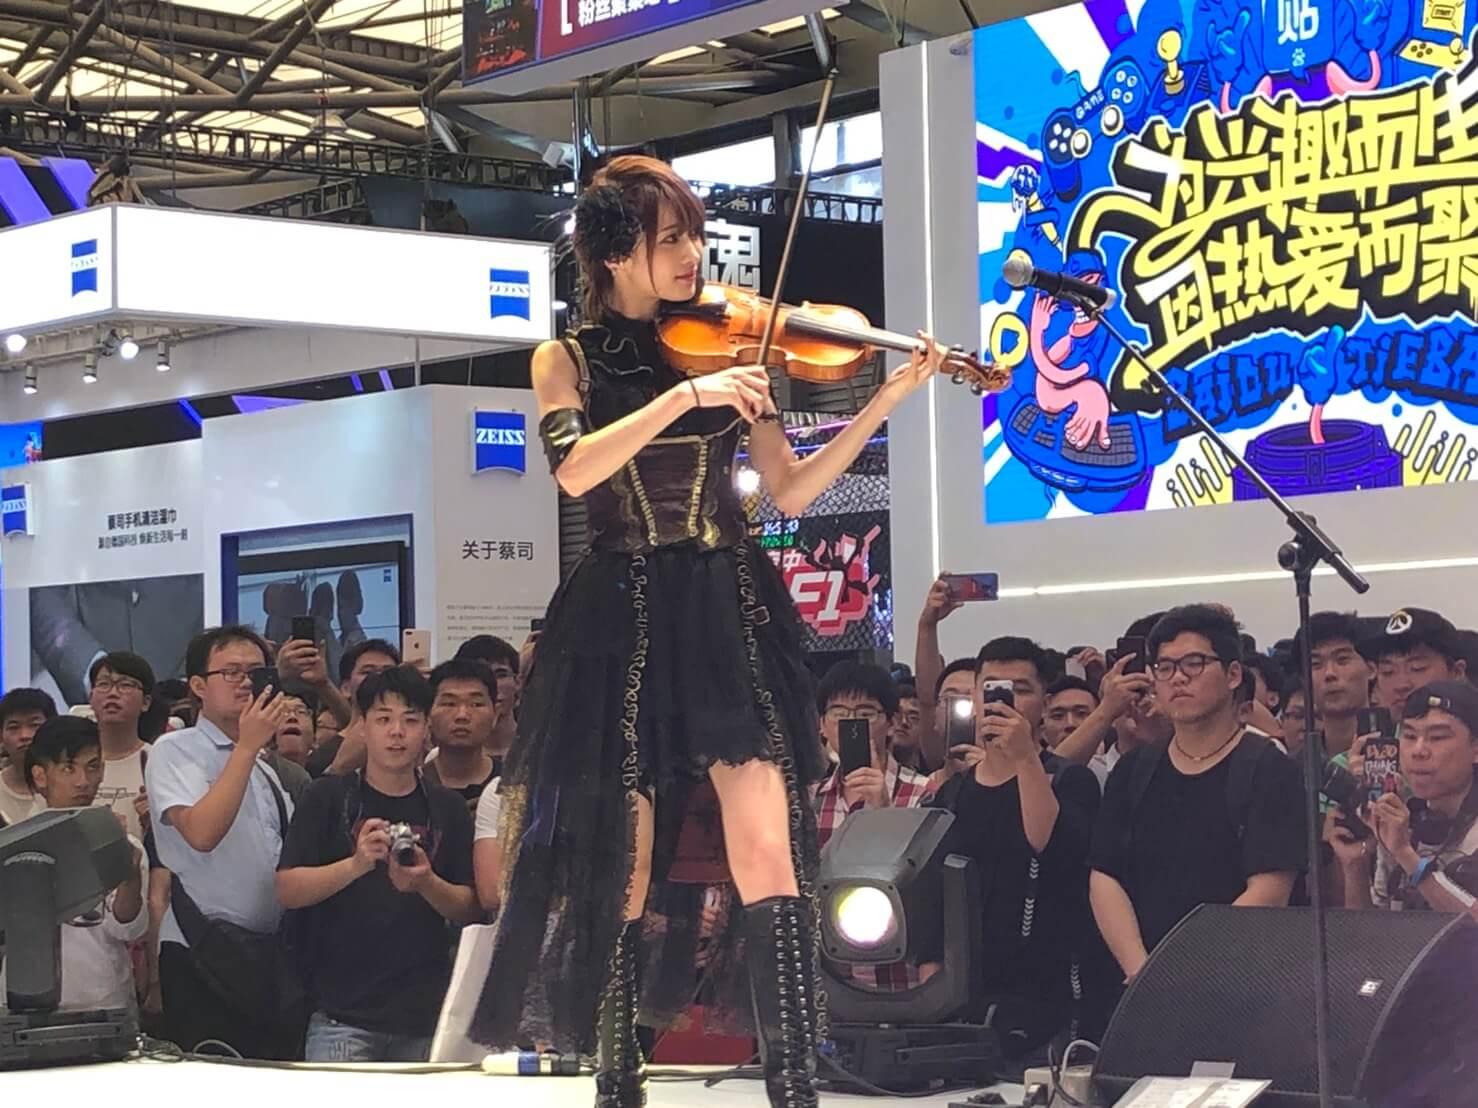 ロックヴァイオリニスト・Ayasa、上海ゲームショーで大人気サムネイル画像